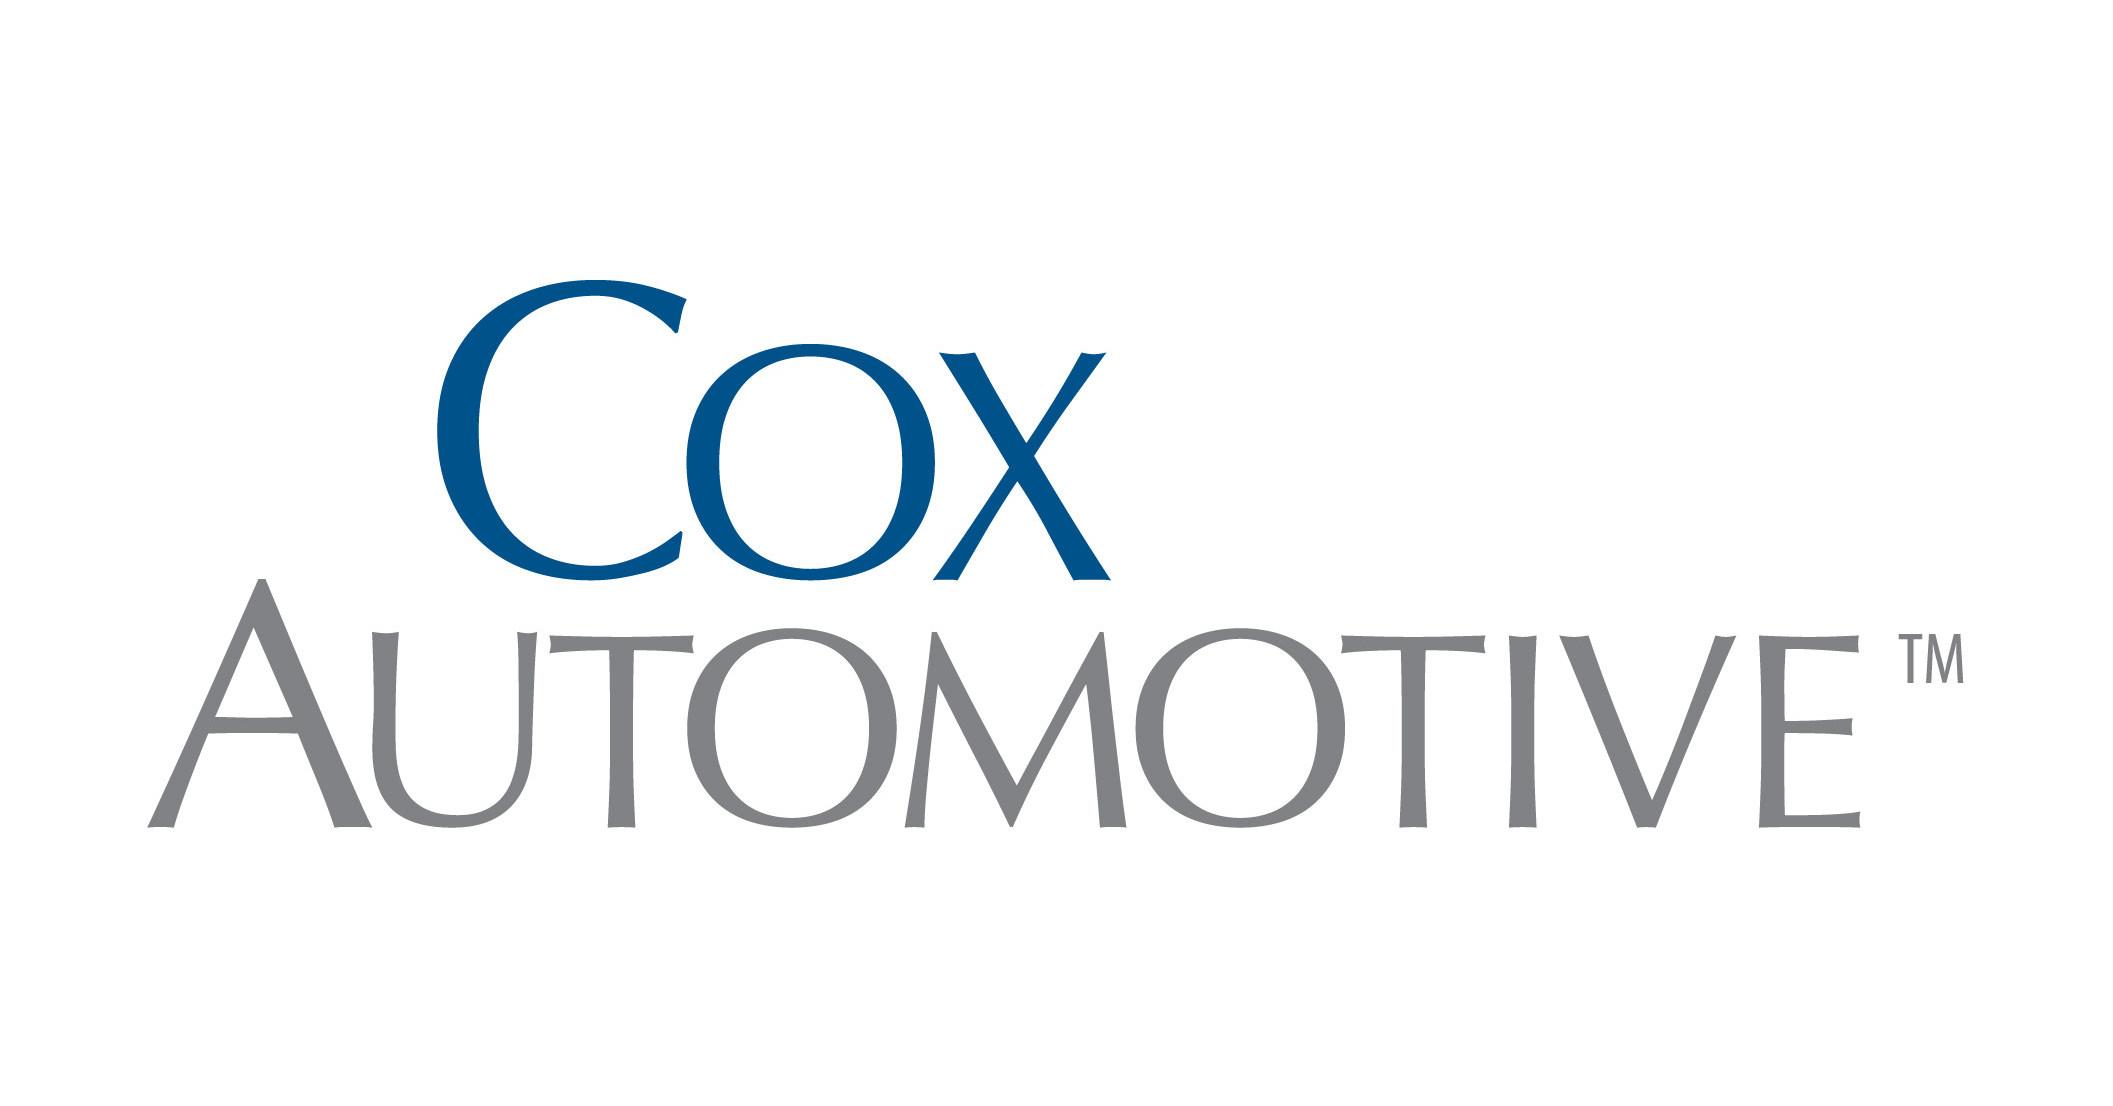 Cox Automotive and Holman Enterprises Announce Joint